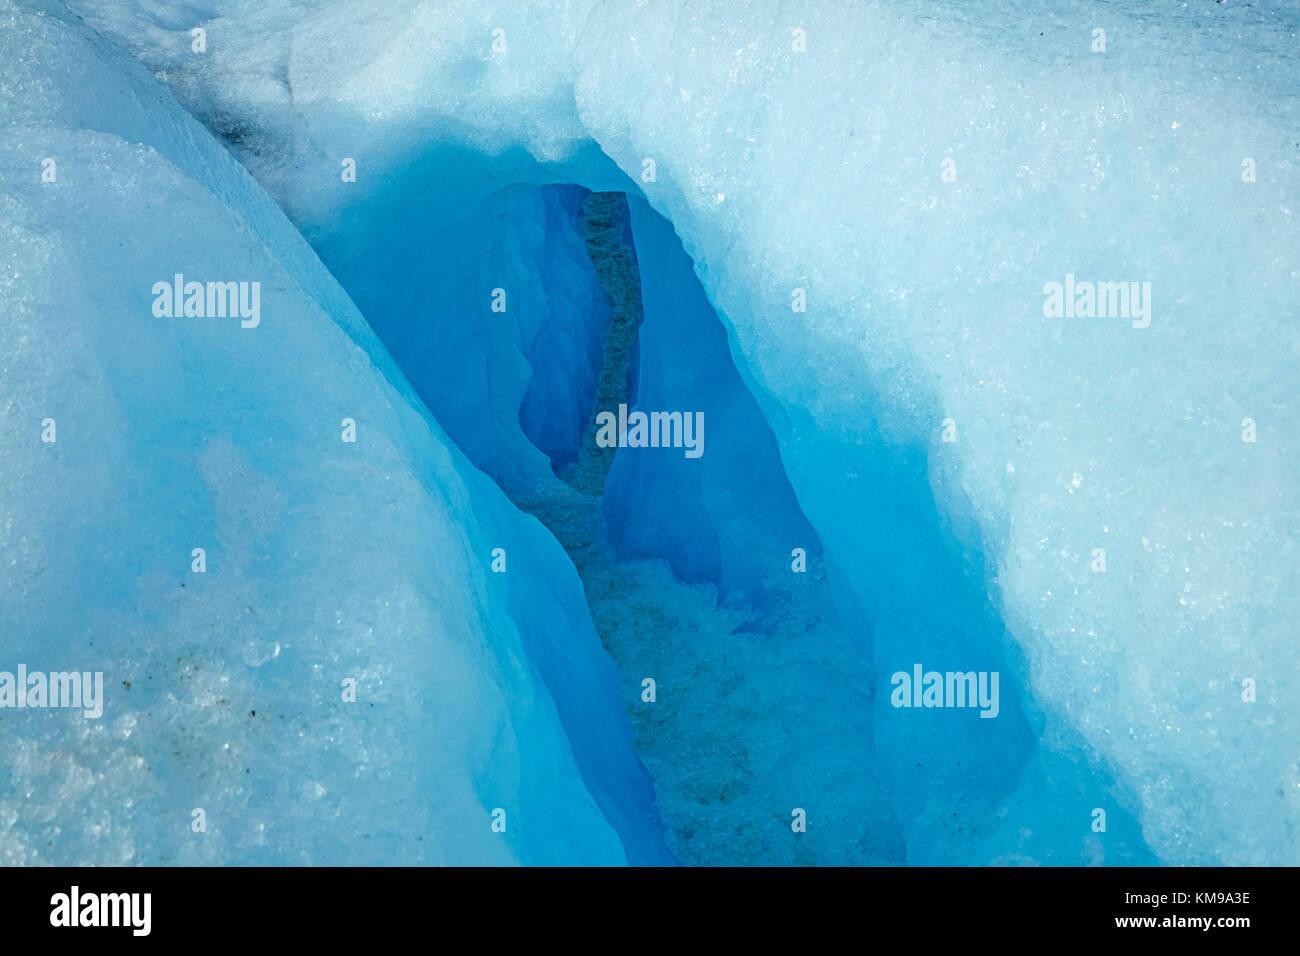 Blue ice in crevasse, Perito Moreno Glacier, Parque Nacional Los Glaciares (World Heritage Area), Patagonia, Argentina, - Stock Image